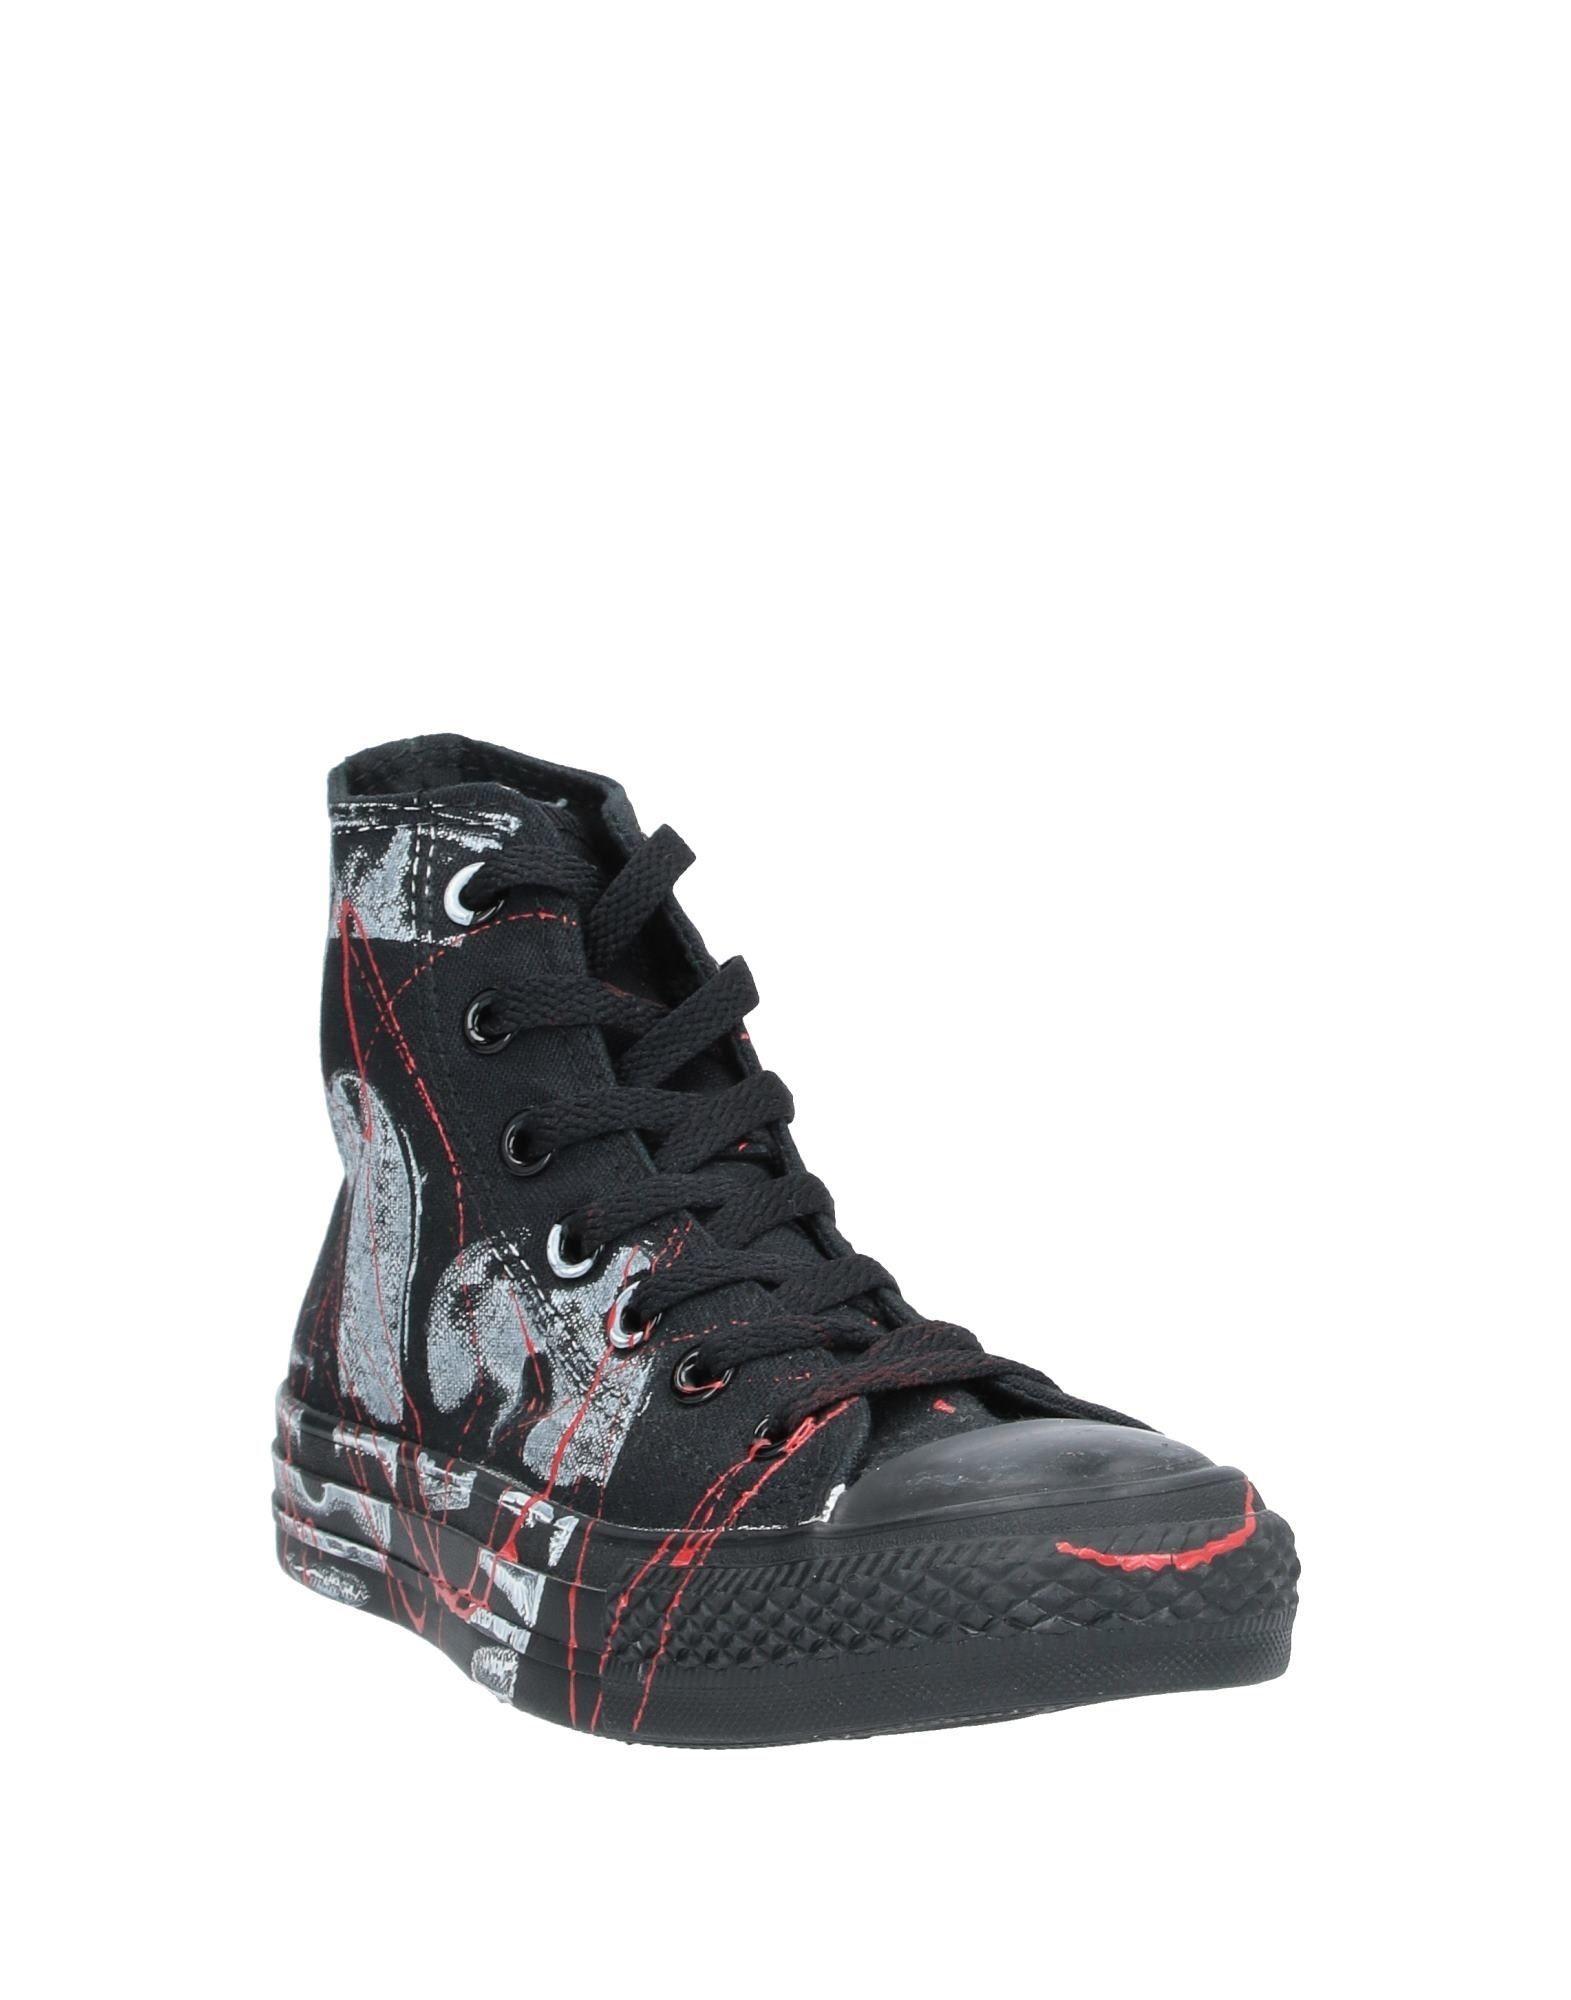 Sneakers abotinadas Converse de Lona de color Negro